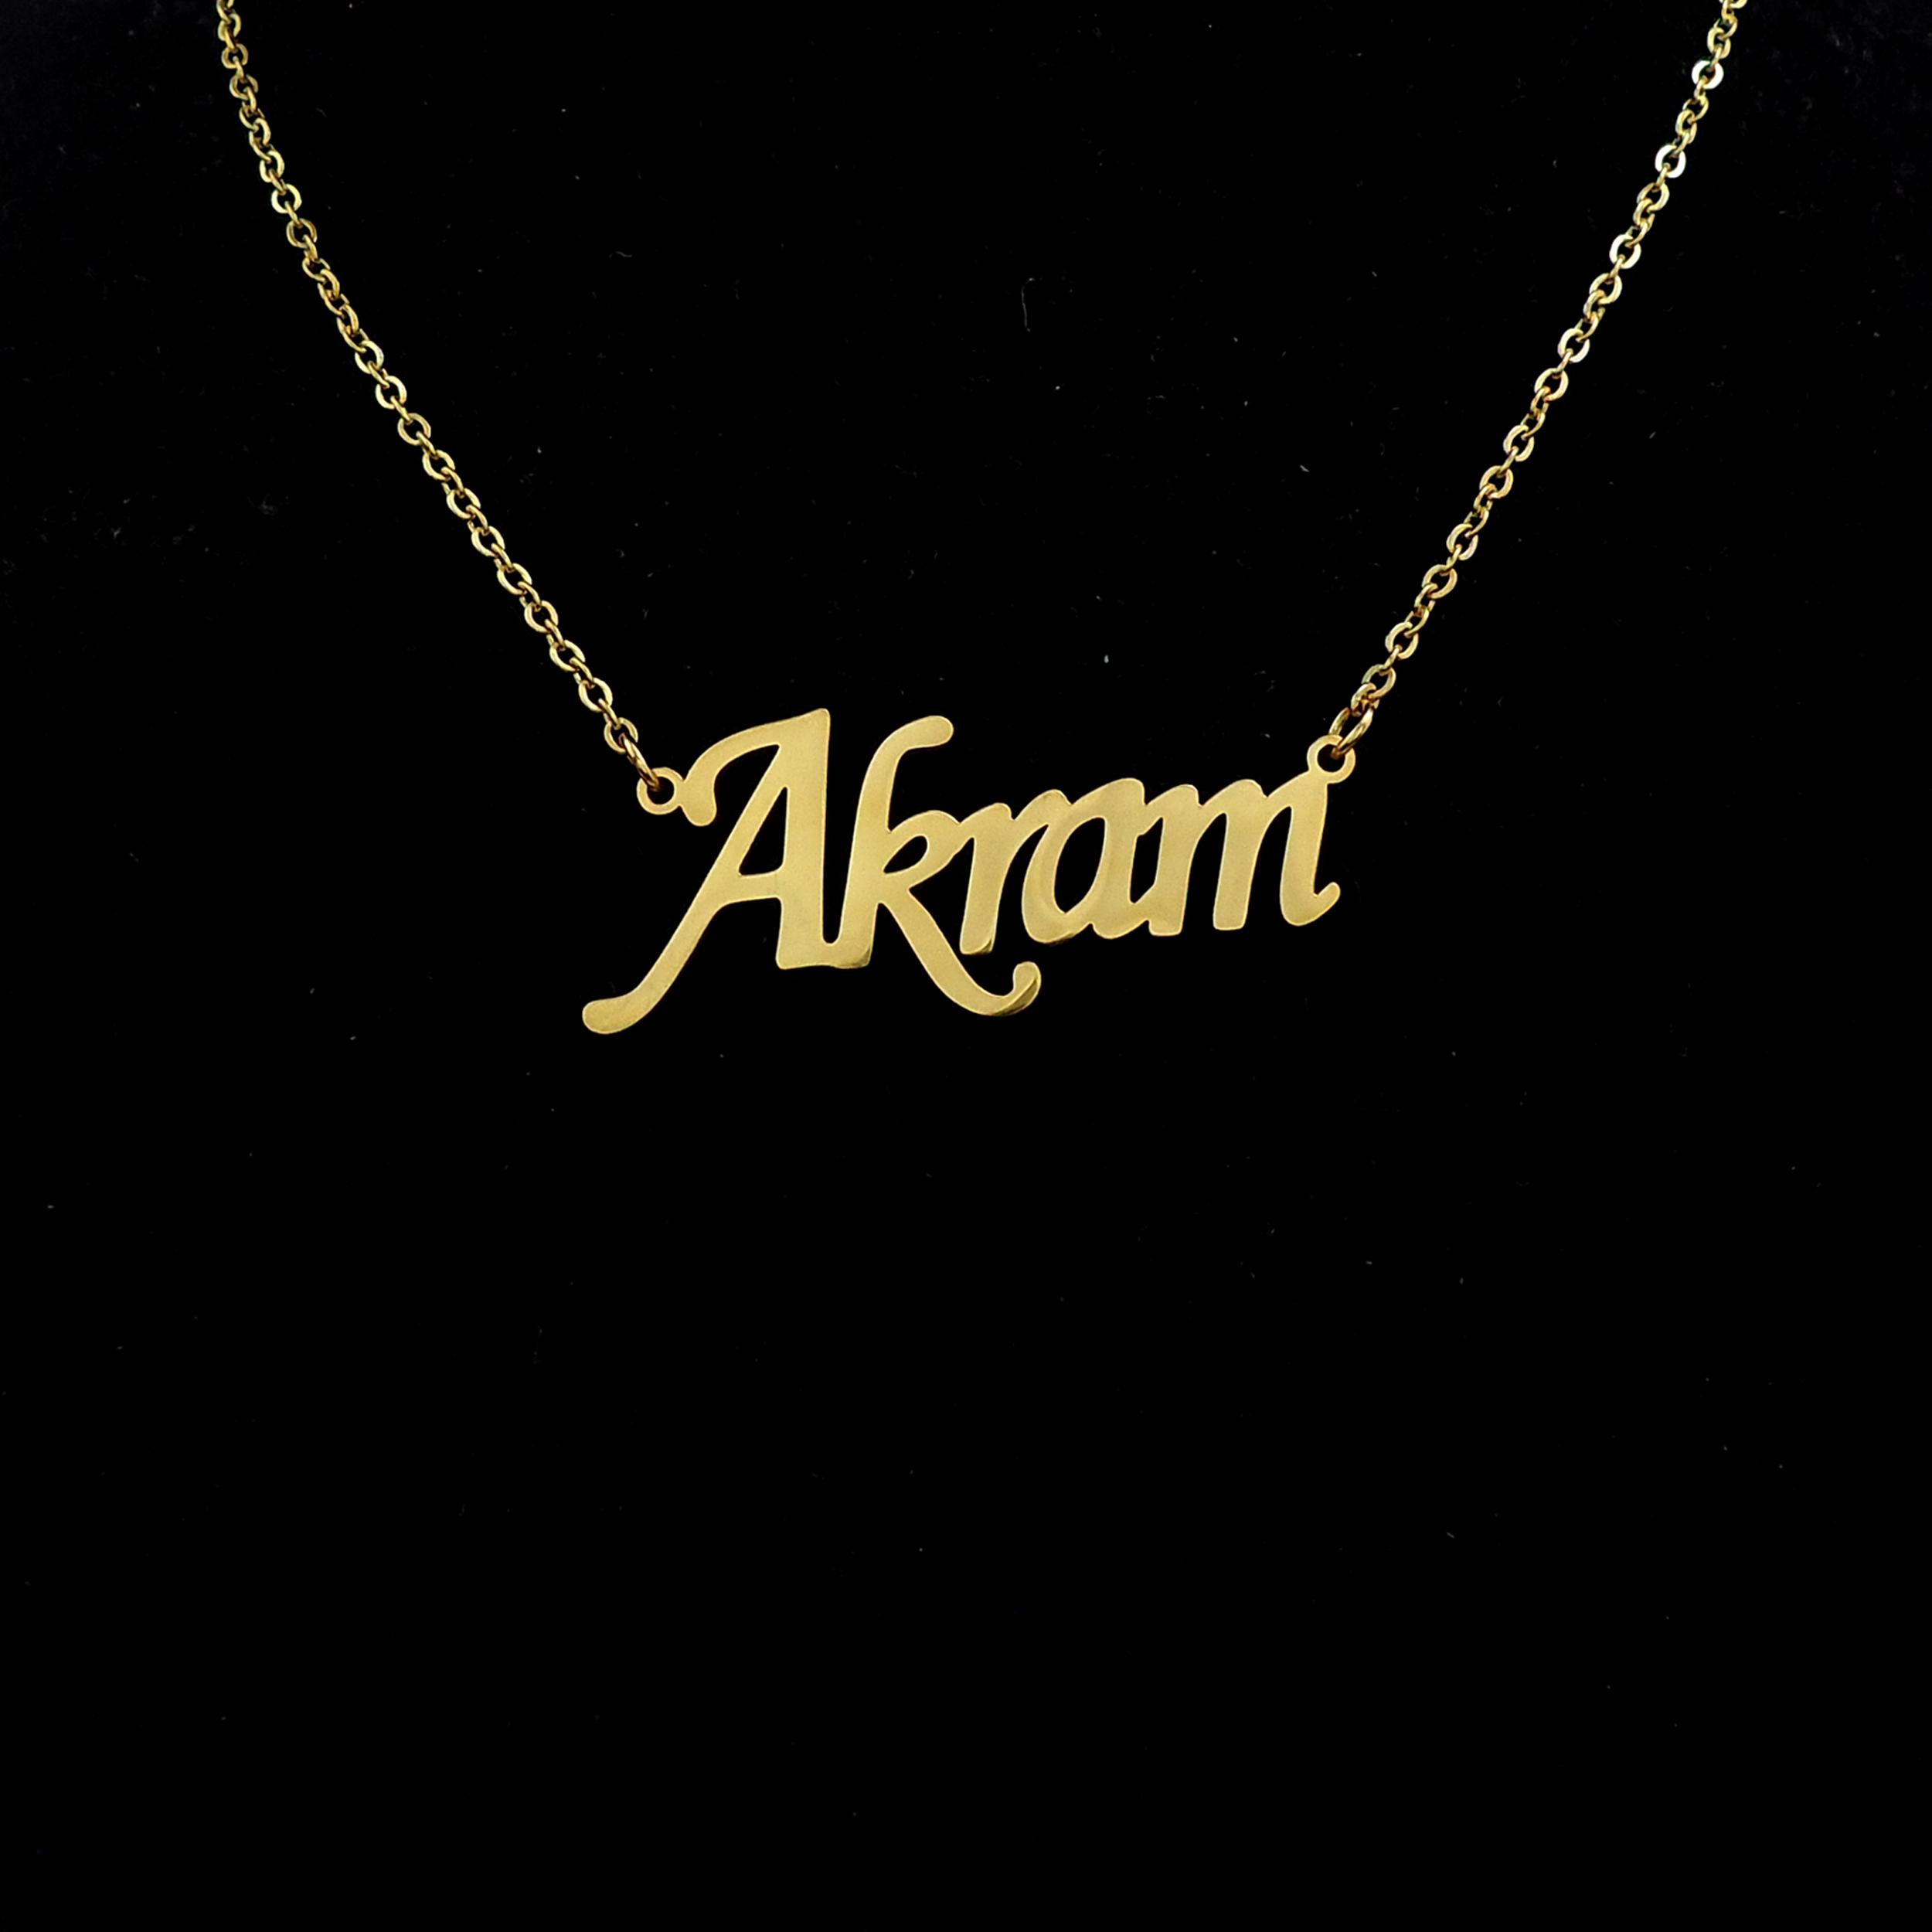 گردنبند زنانه طرح اکرم کد 116